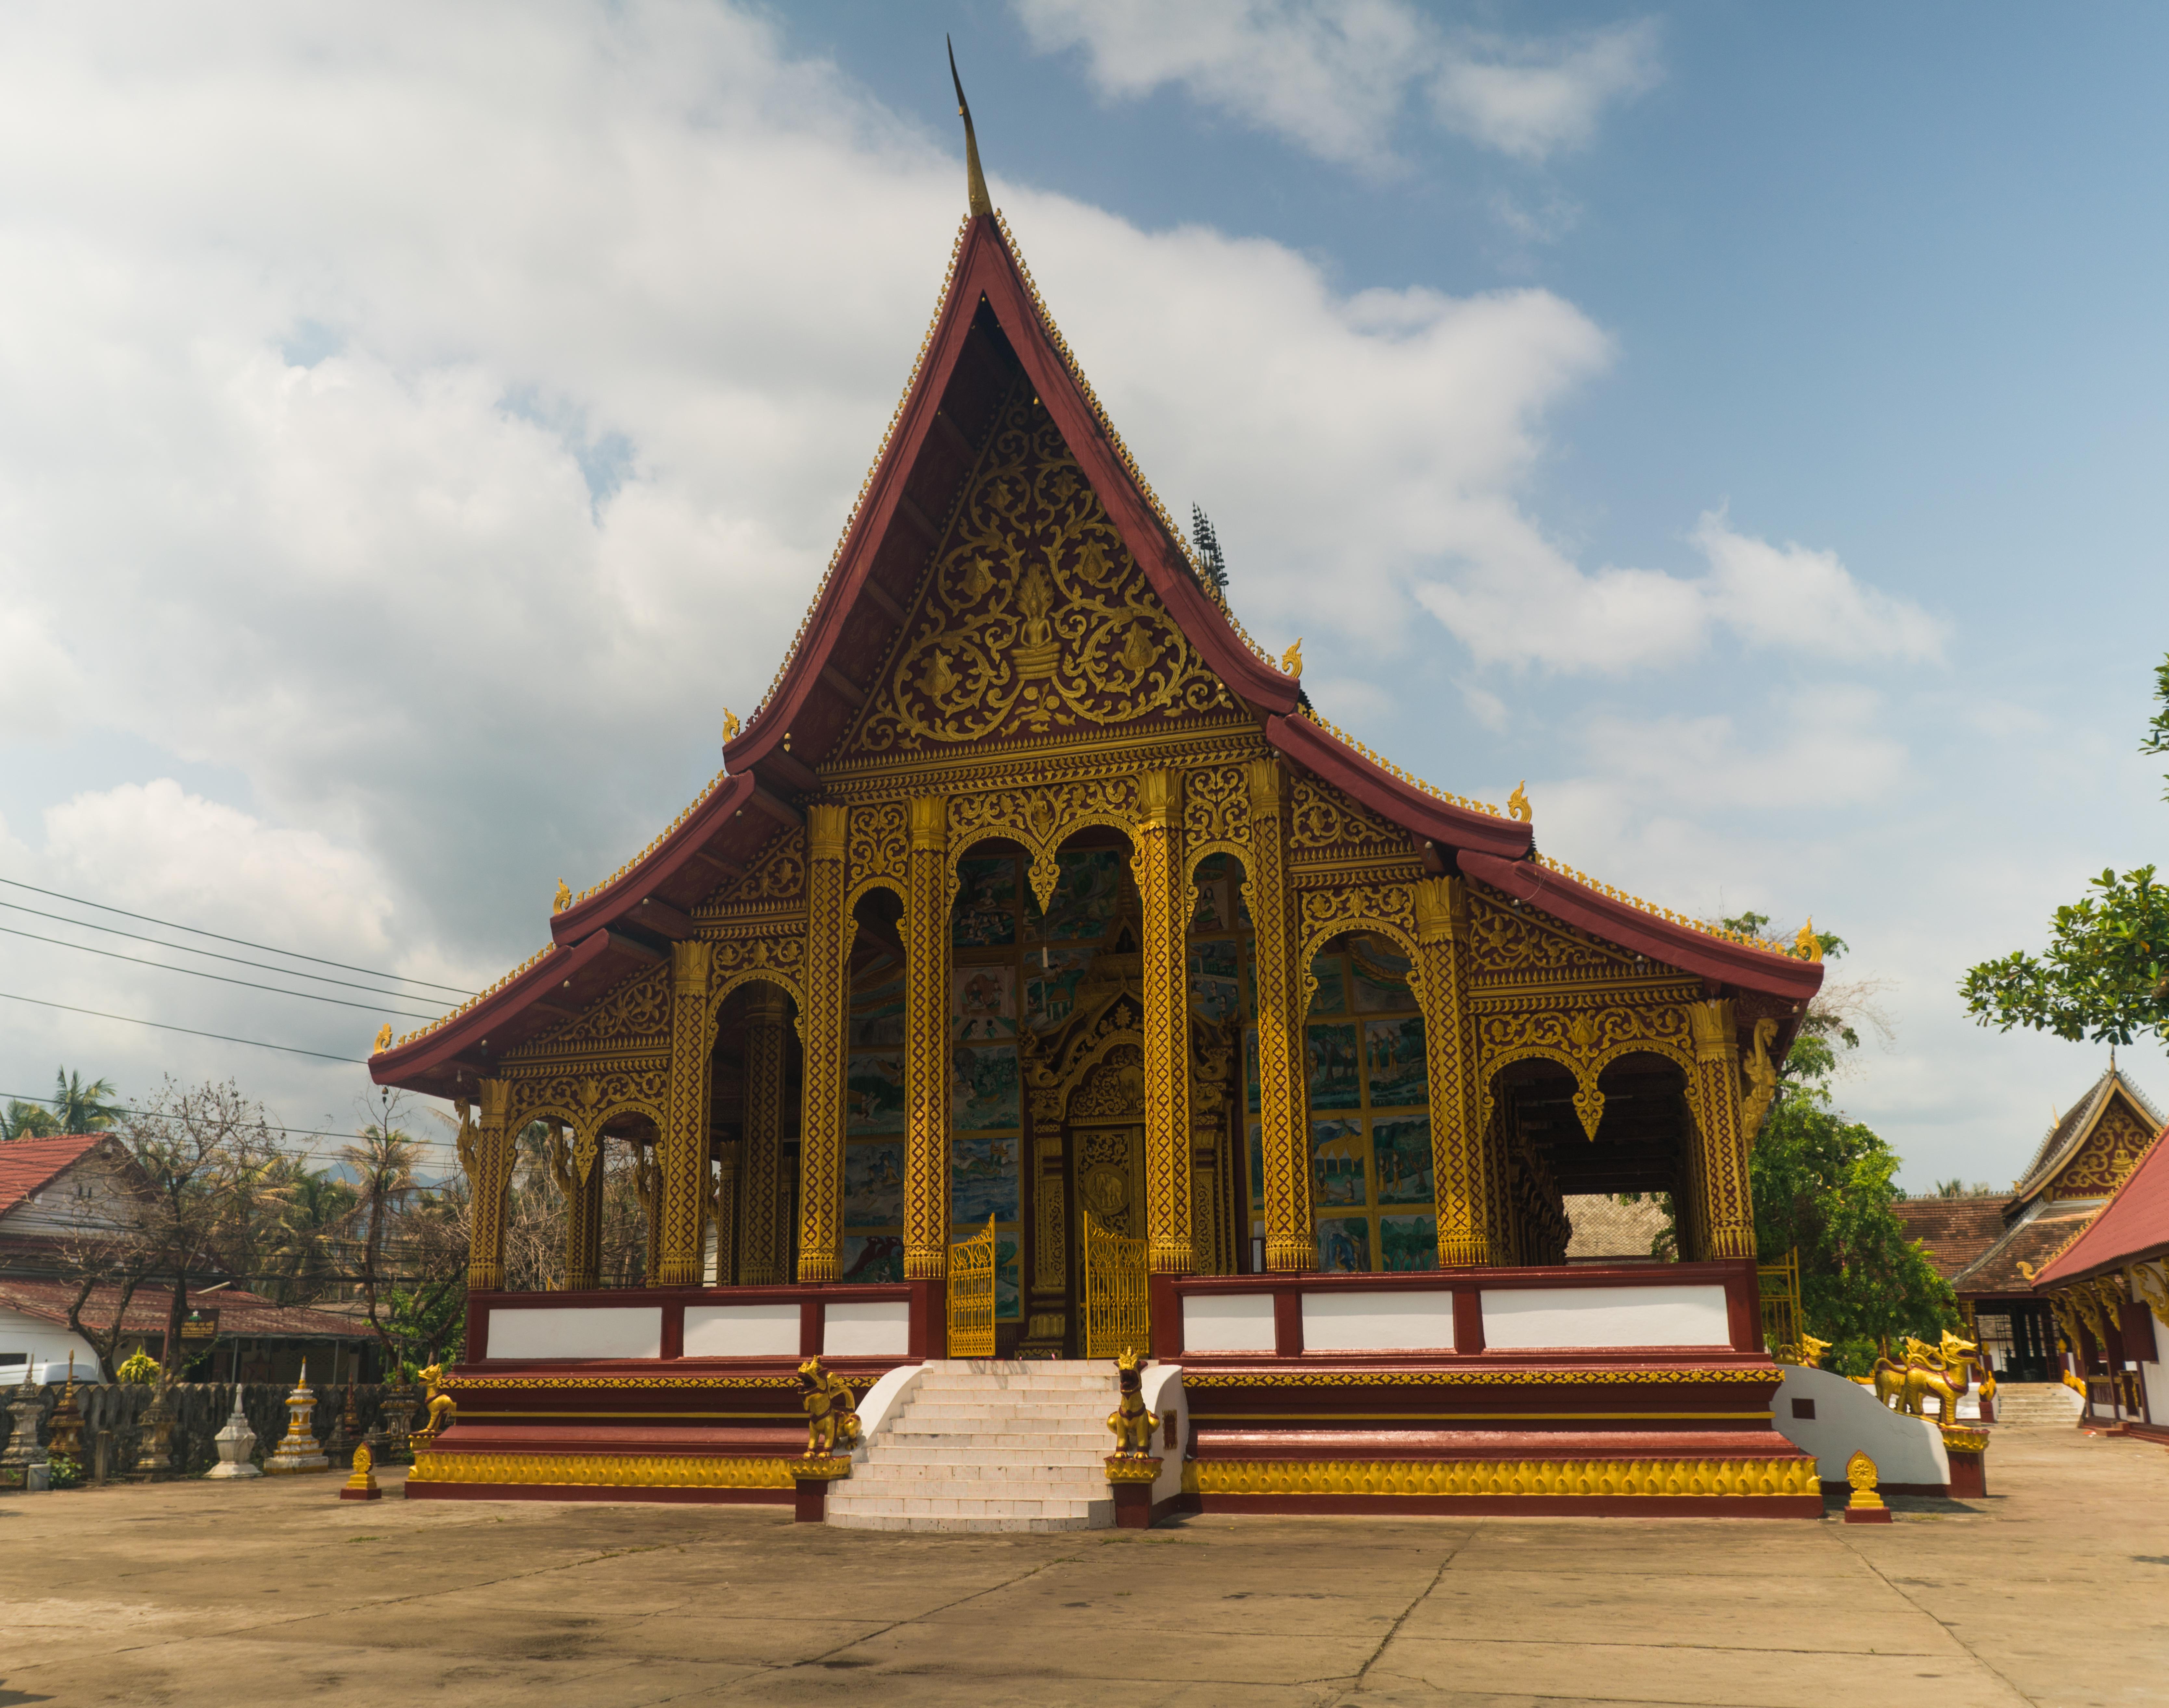 Historický drevený dom v Luang Prabang